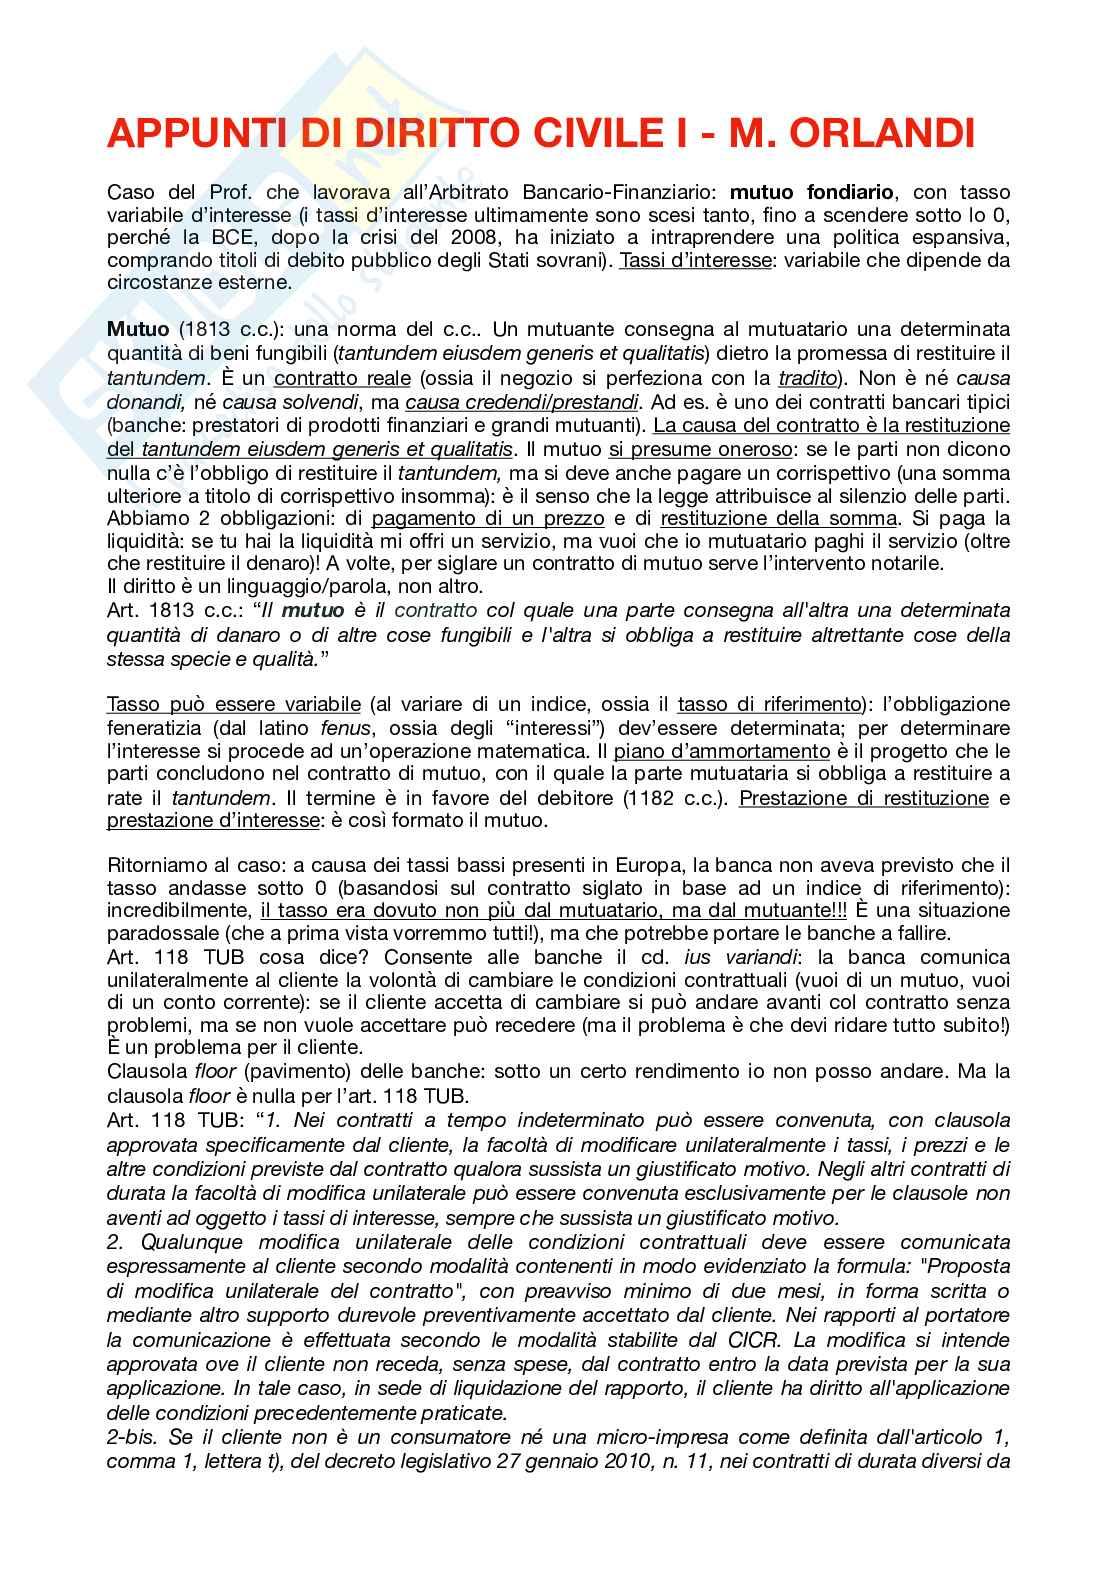 Appunti di Diritto Civile I (corso di Mauro Orlandi)